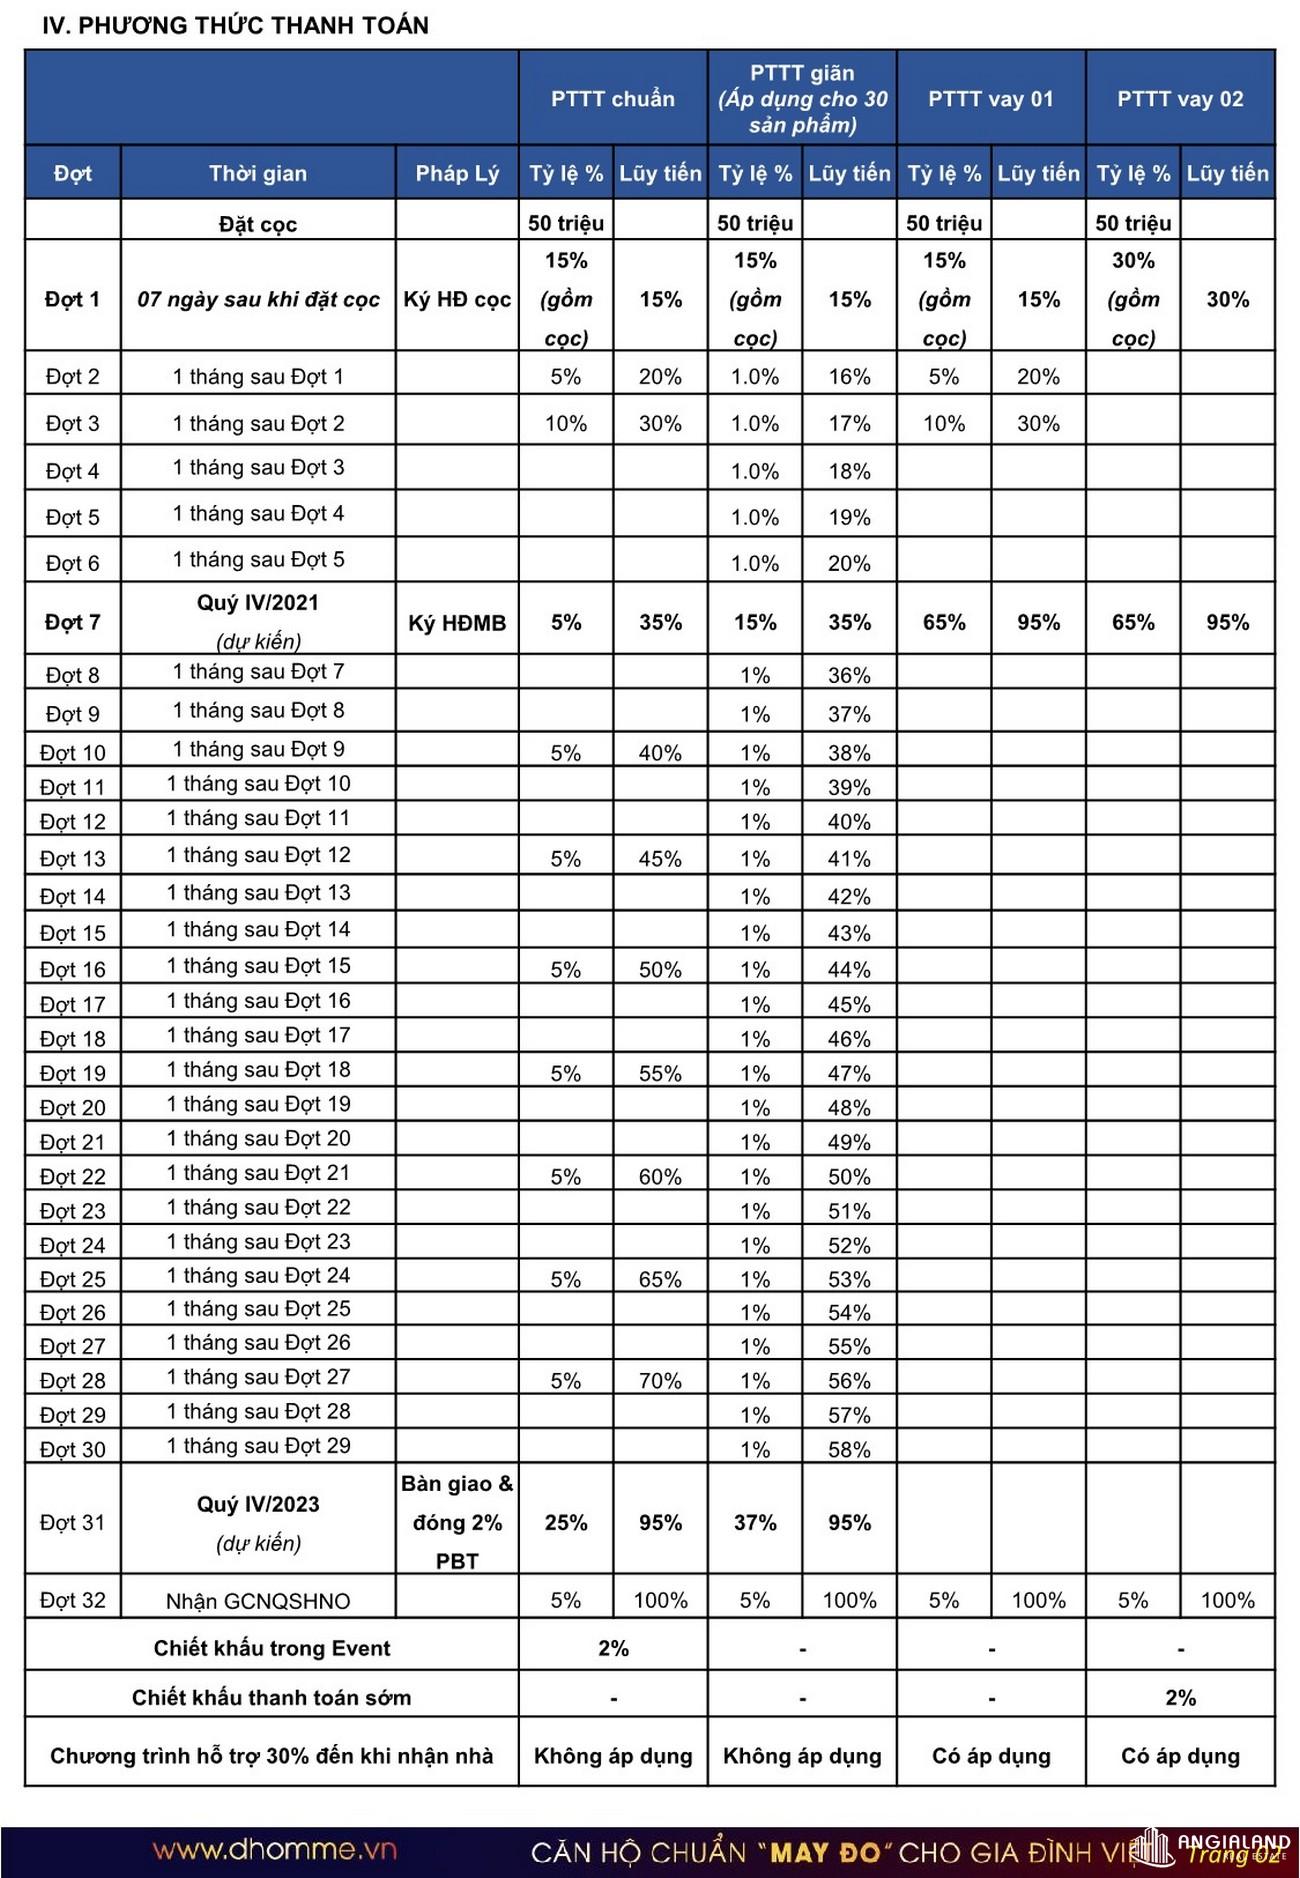 Phương thức thanh toán dự án căn hộ D Homme Quận 6 Đường Hồng Bàng chủ đầu tư DHA